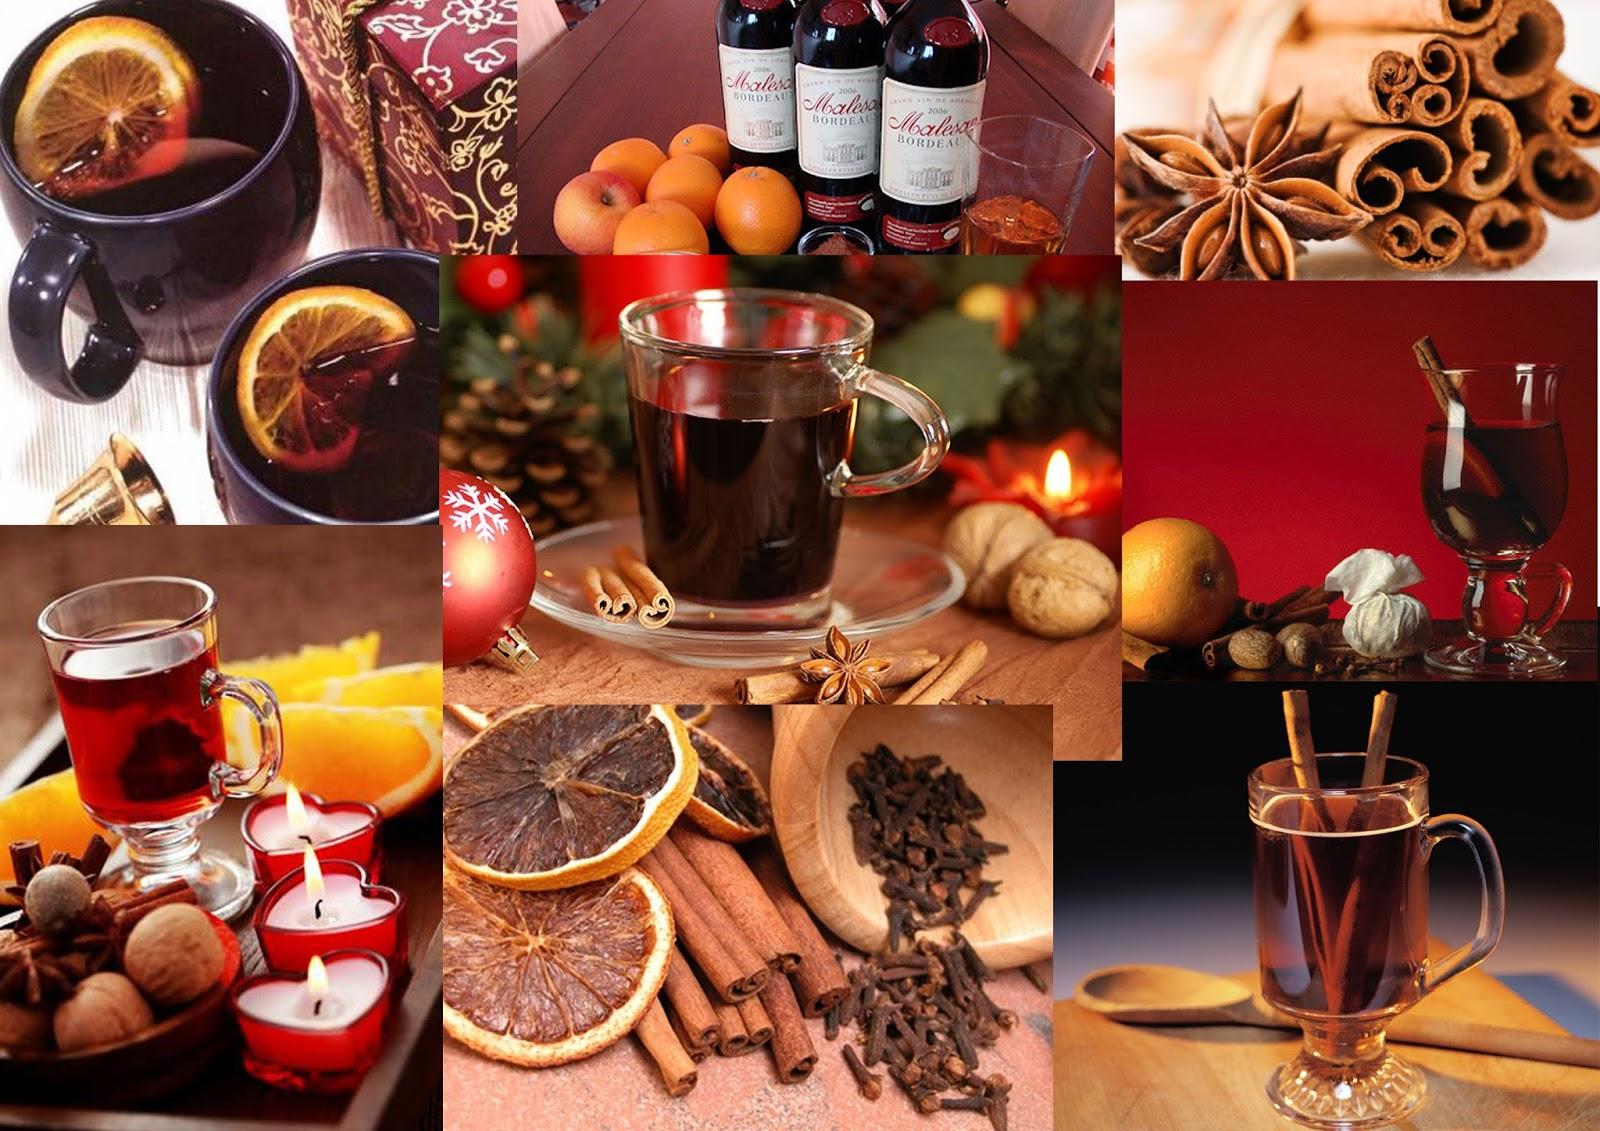 Домашний глинтвейн: пусть в доме пахнет Новым годом!